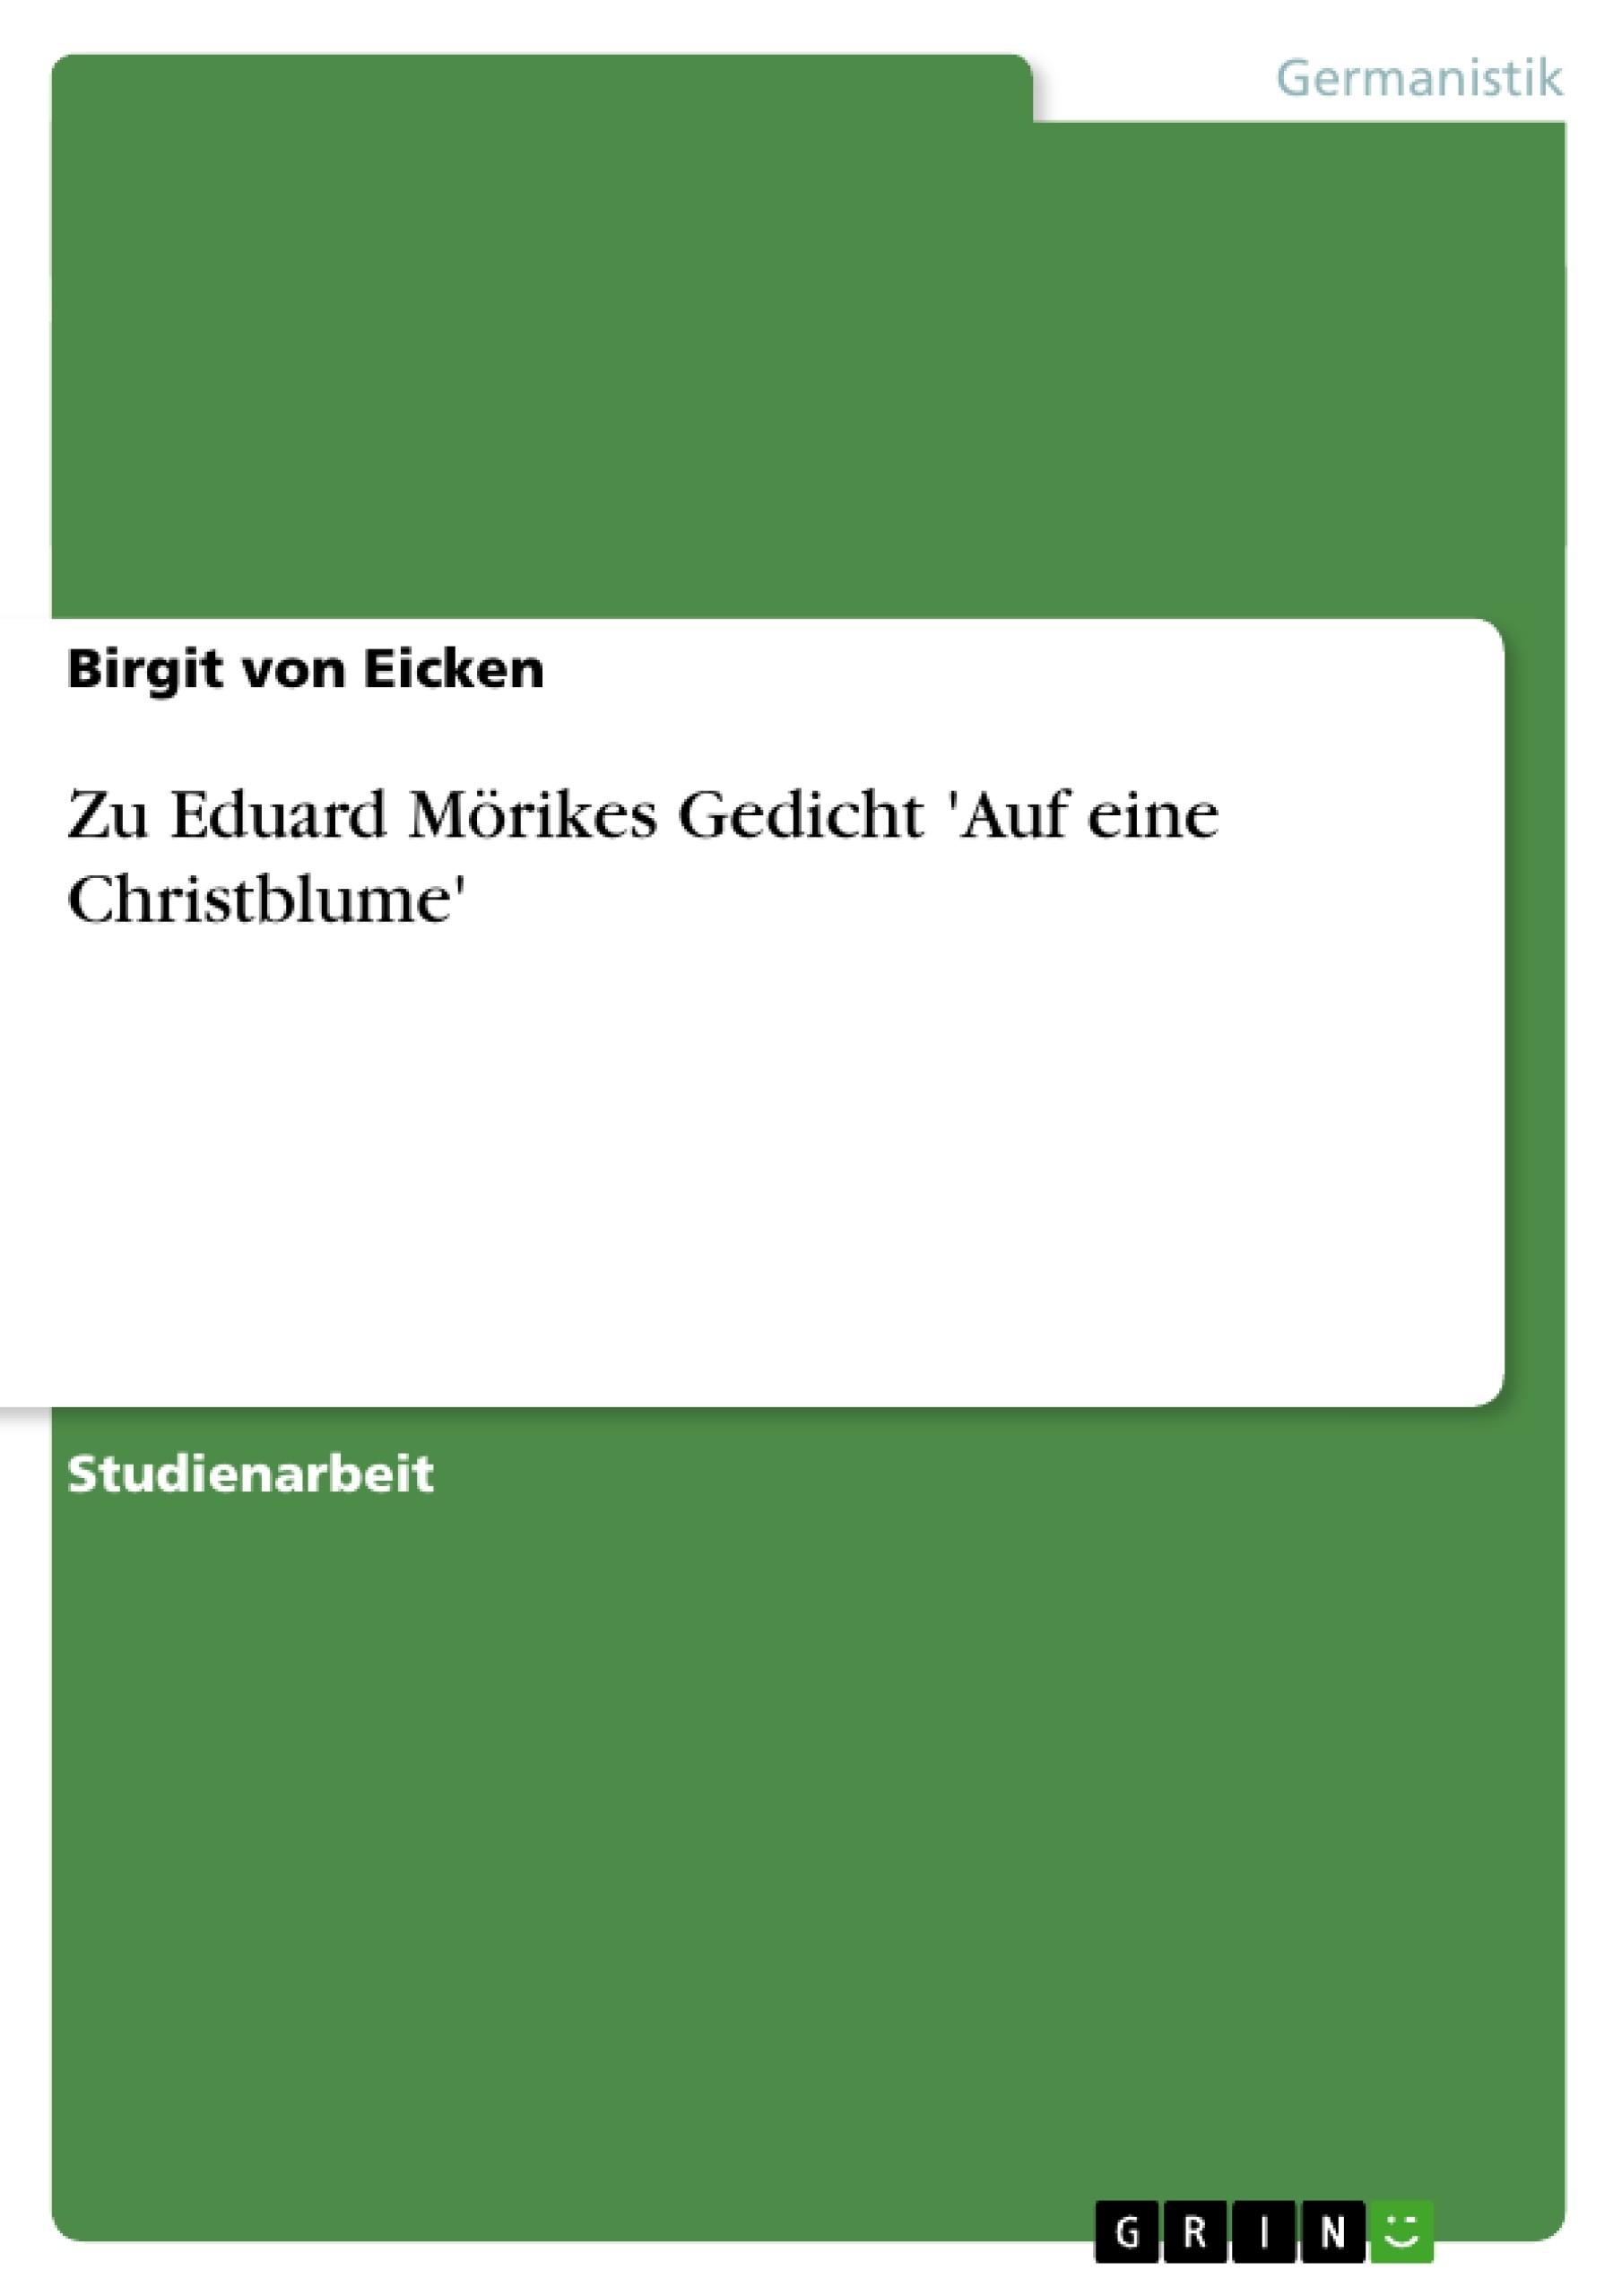 Titel: Zu Eduard Mörikes Gedicht 'Auf eine Christblume'